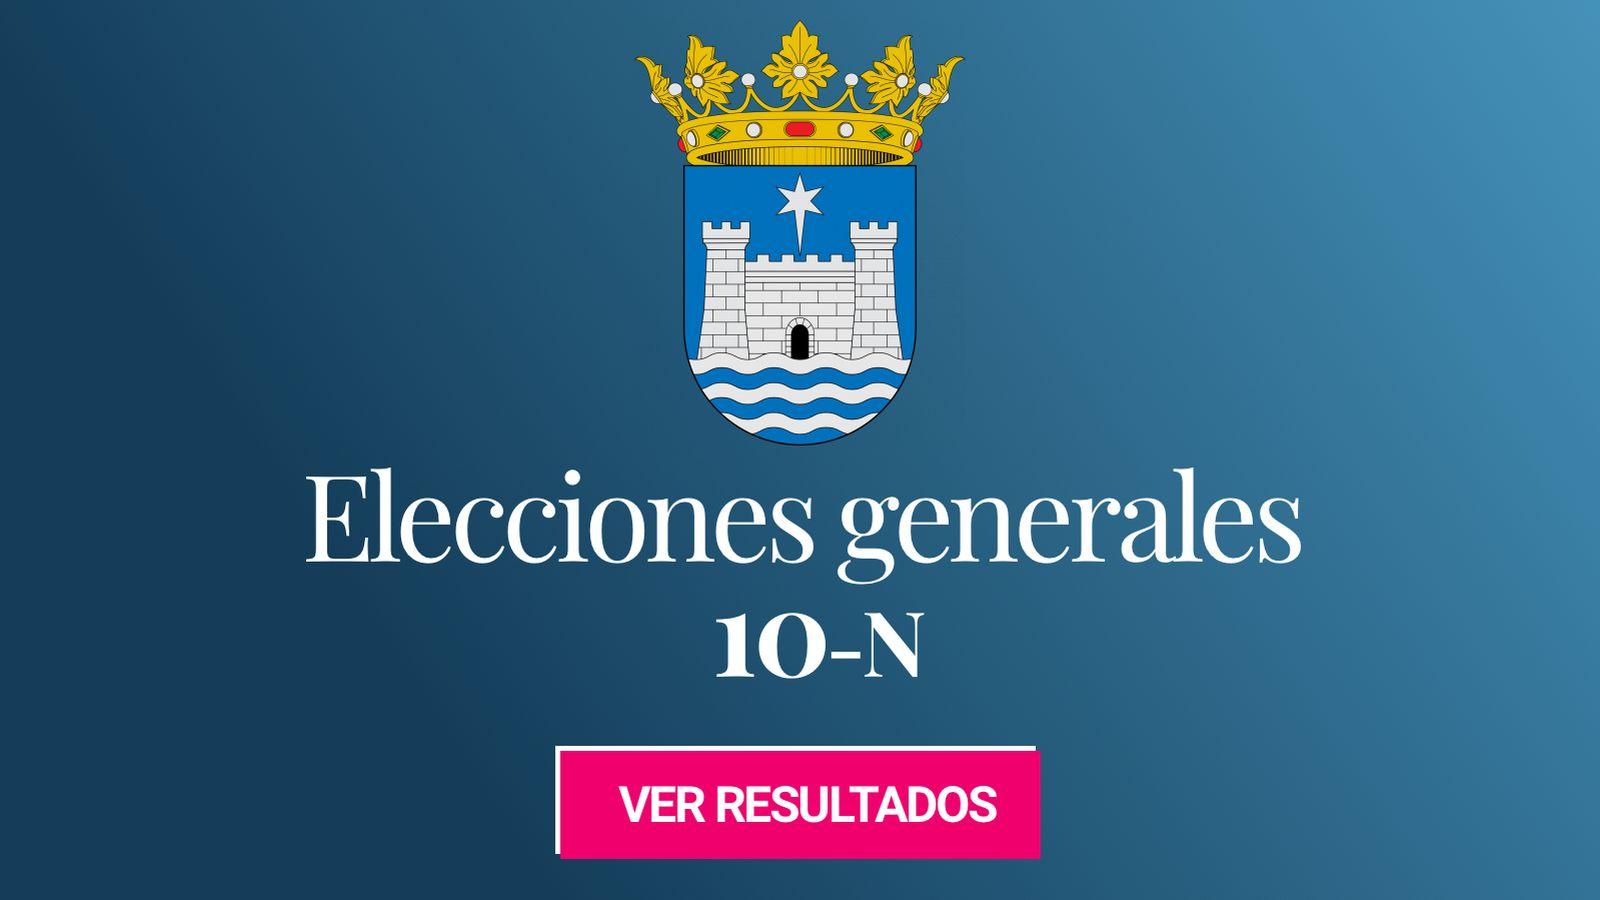 Foto: Elecciones generales 2019 en Gandia. (C.C./EC)